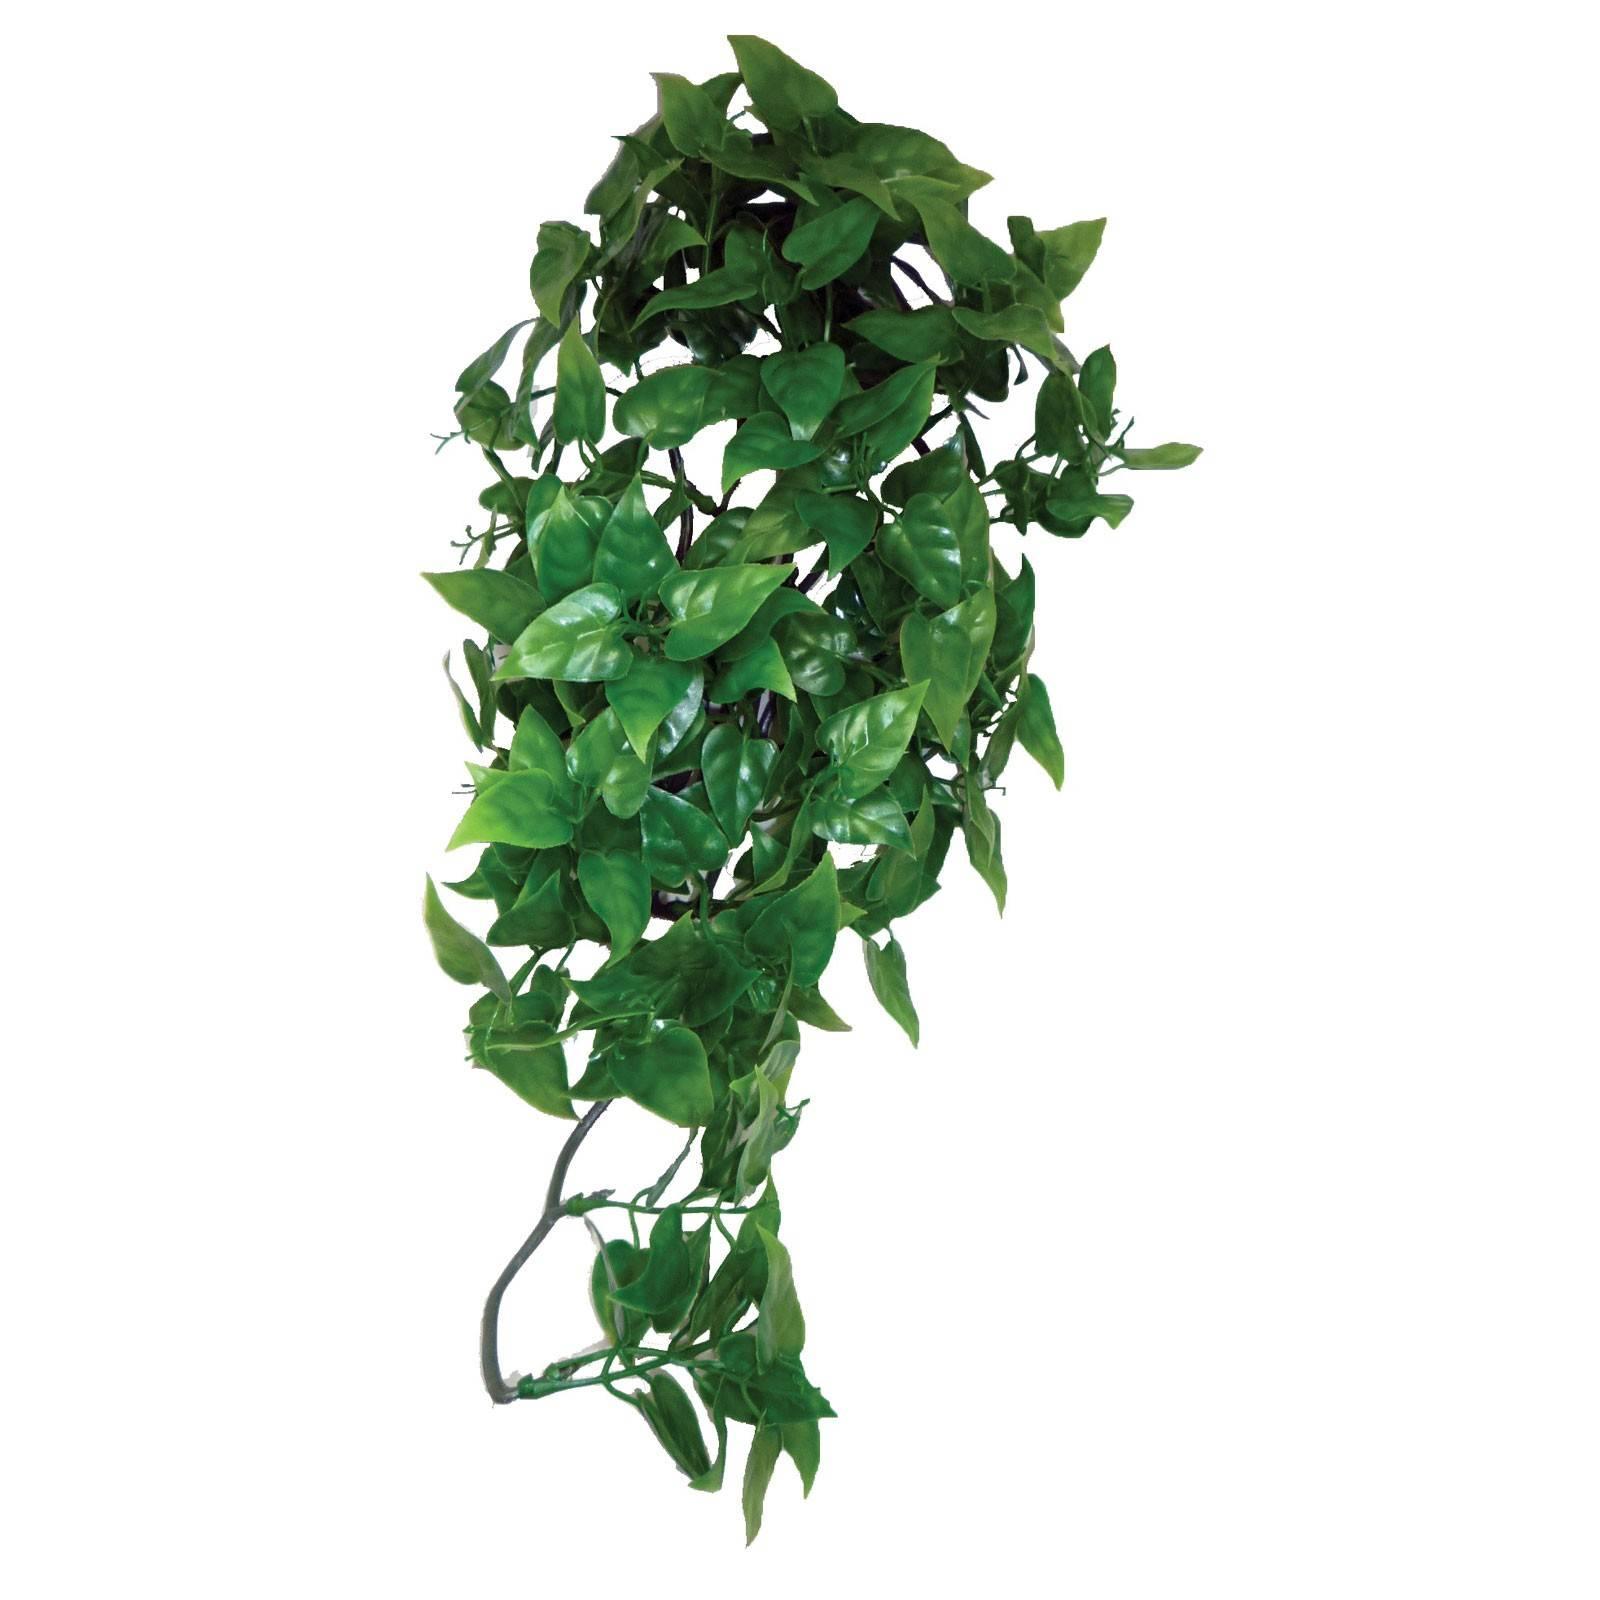 Самые популярные вьющиеся комнатные растения с фотографиями